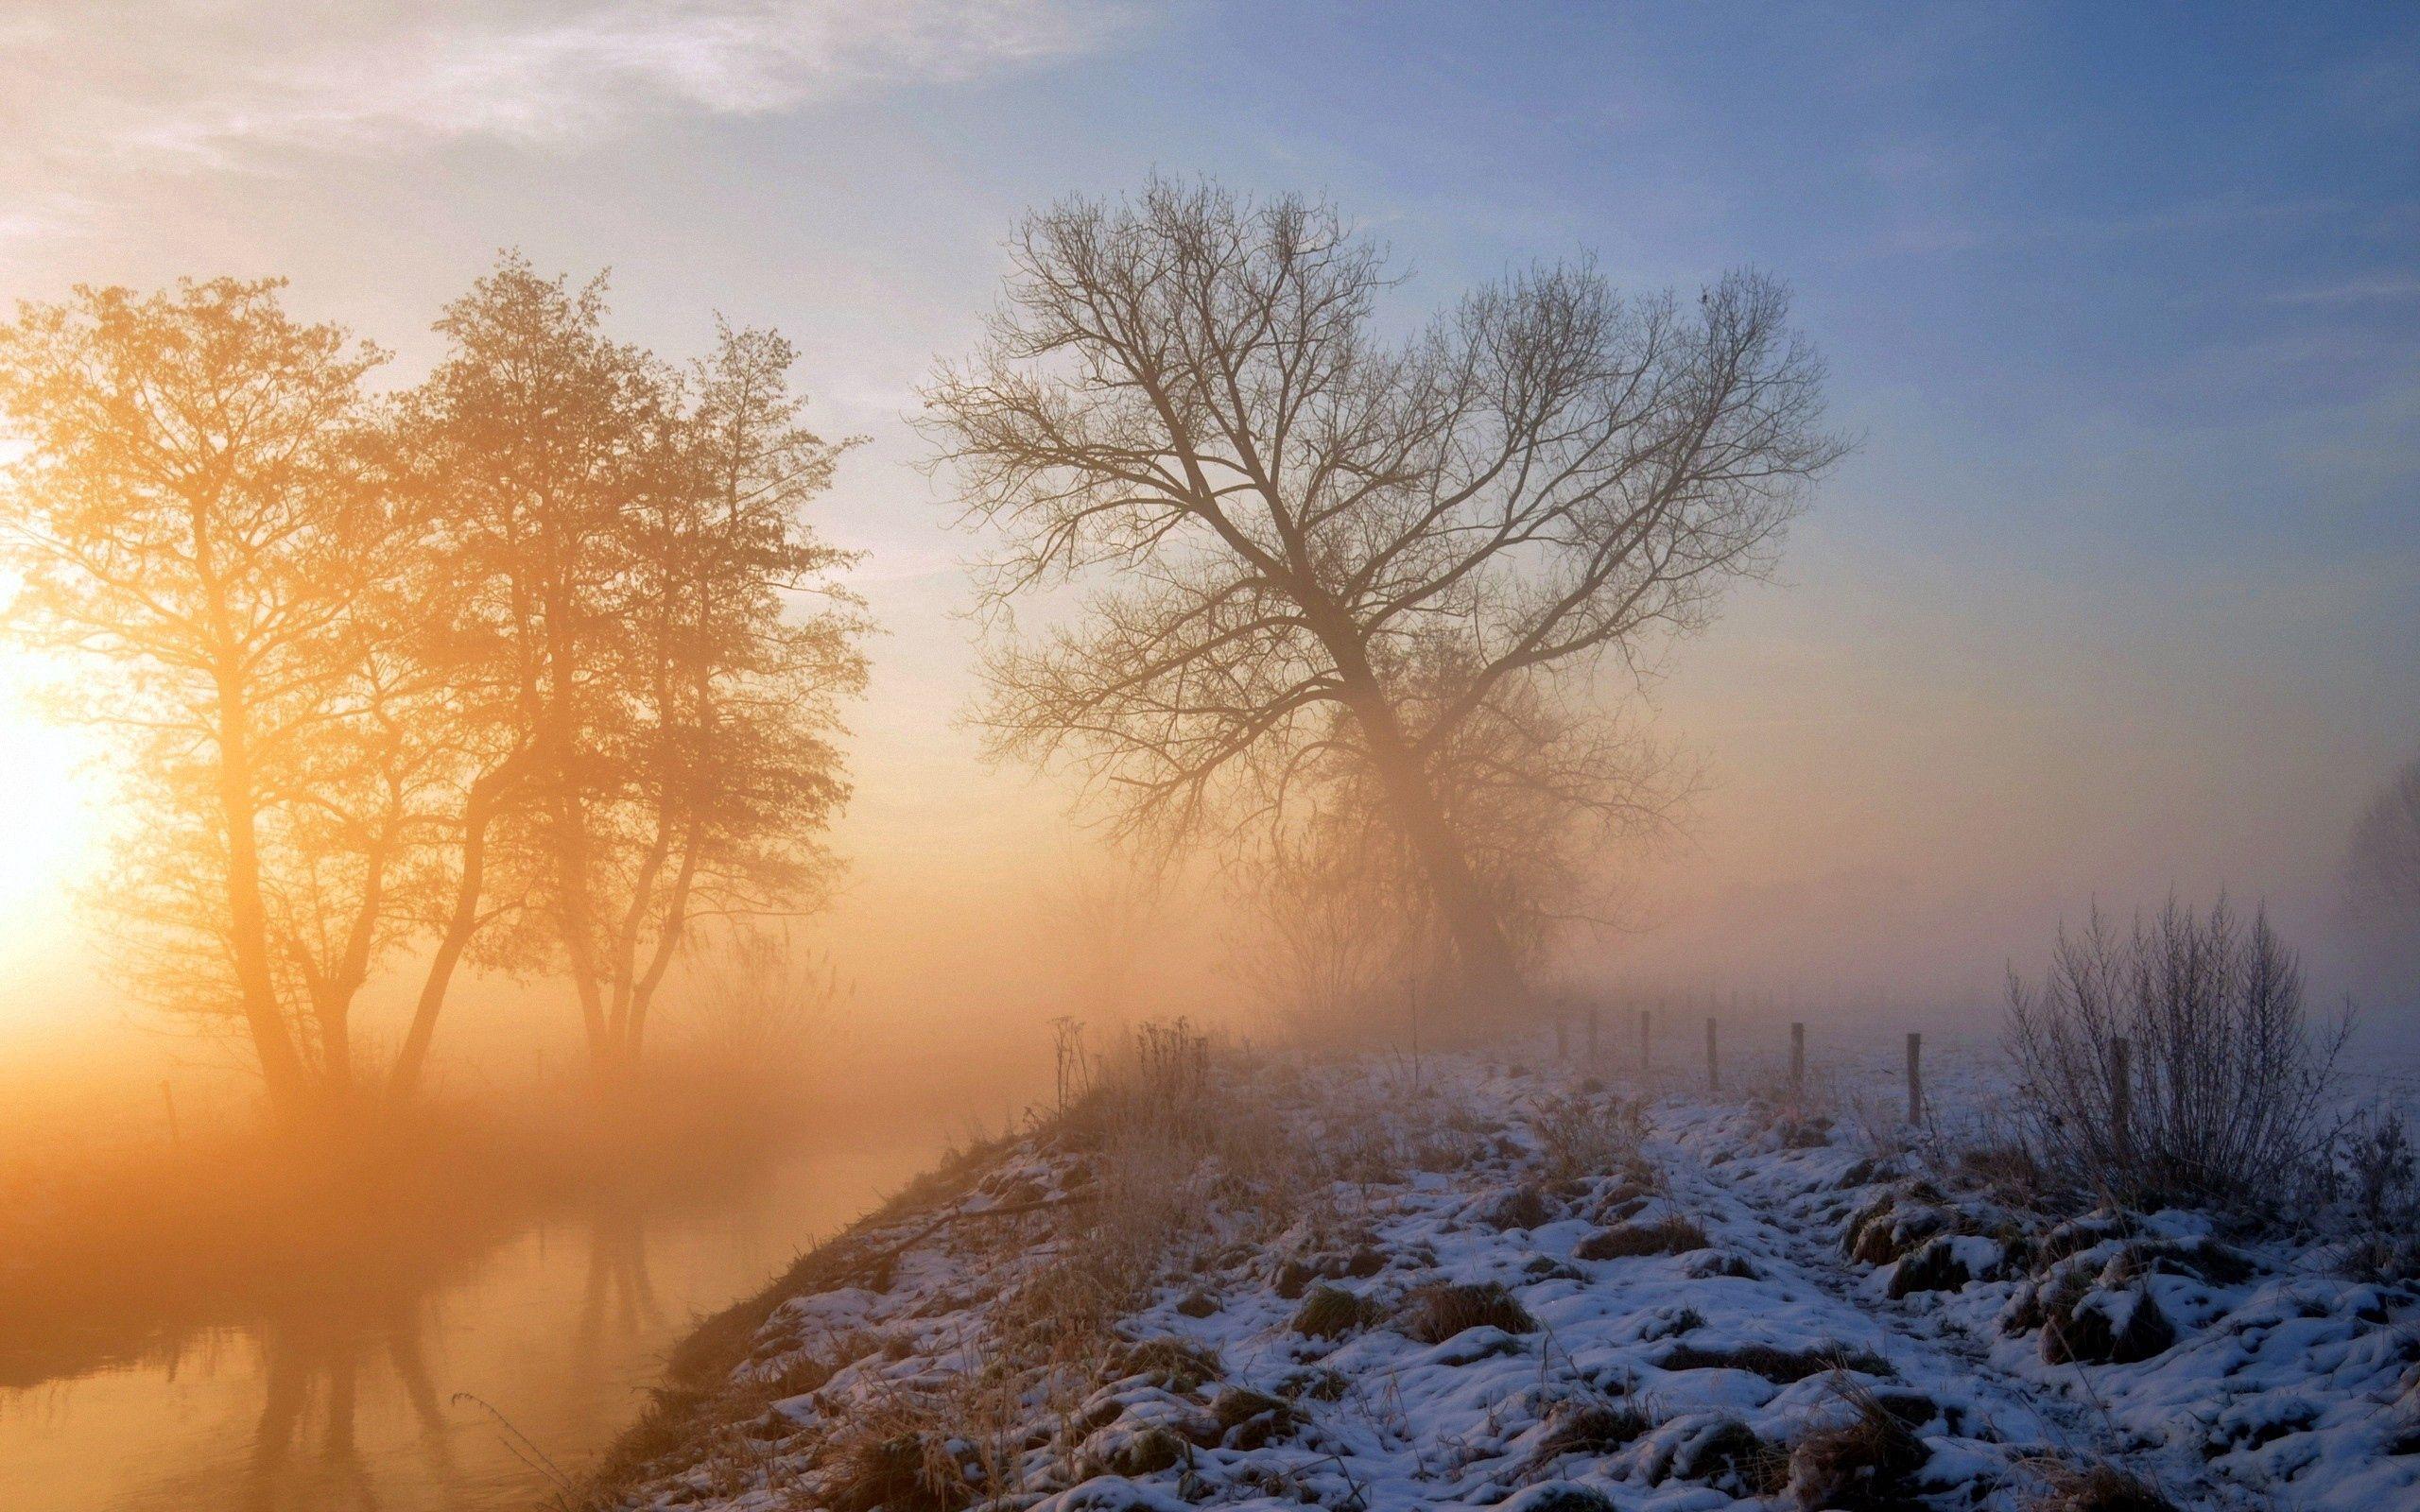 77872 Hintergrundbild herunterladen Natur, Grass, Schnee, Holz, Baum - Bildschirmschoner und Bilder kostenlos